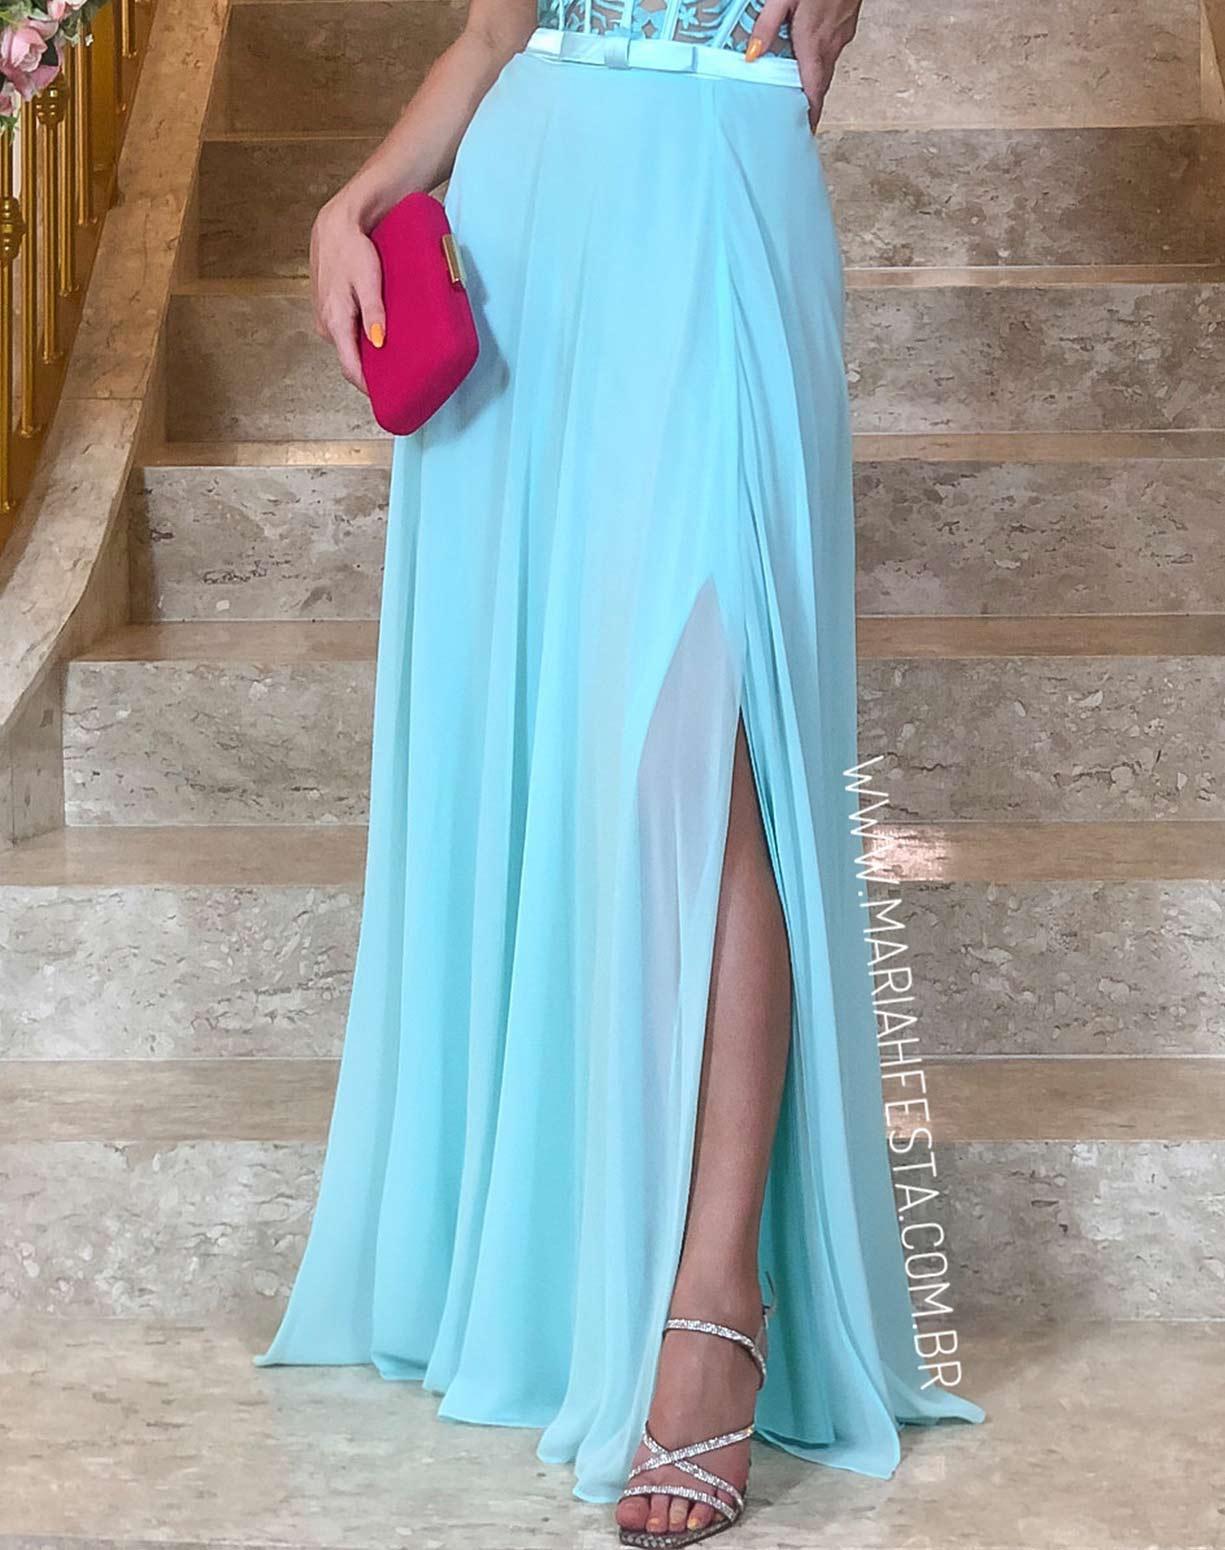 Vestido Tiffany com Corpete em Renda